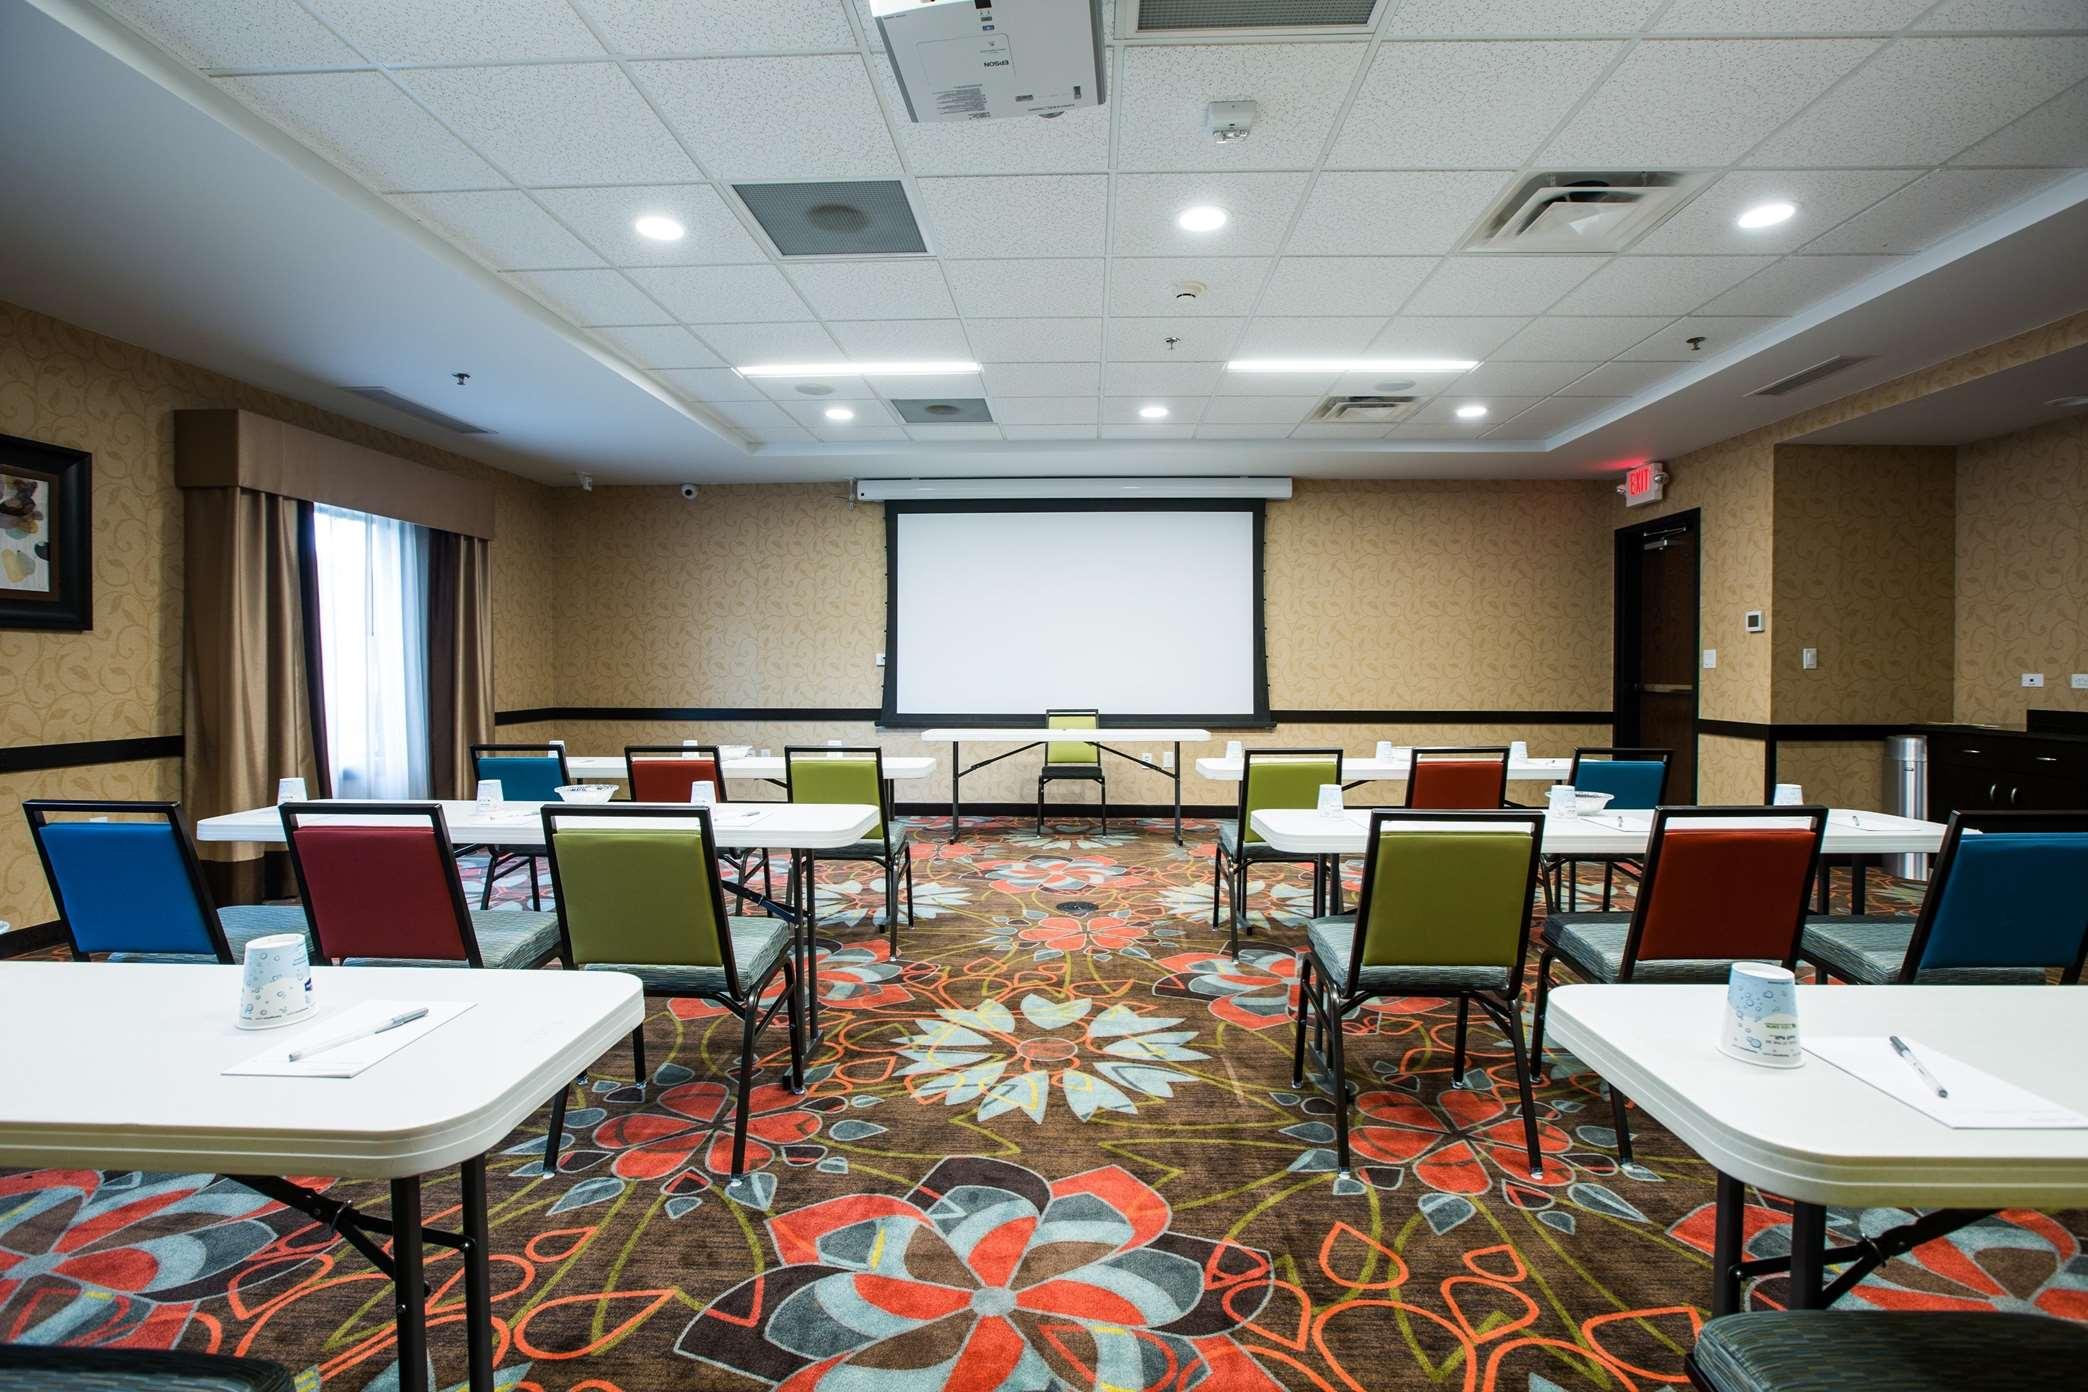 Hampton Inn & Suites Toledo/Westgate image 15